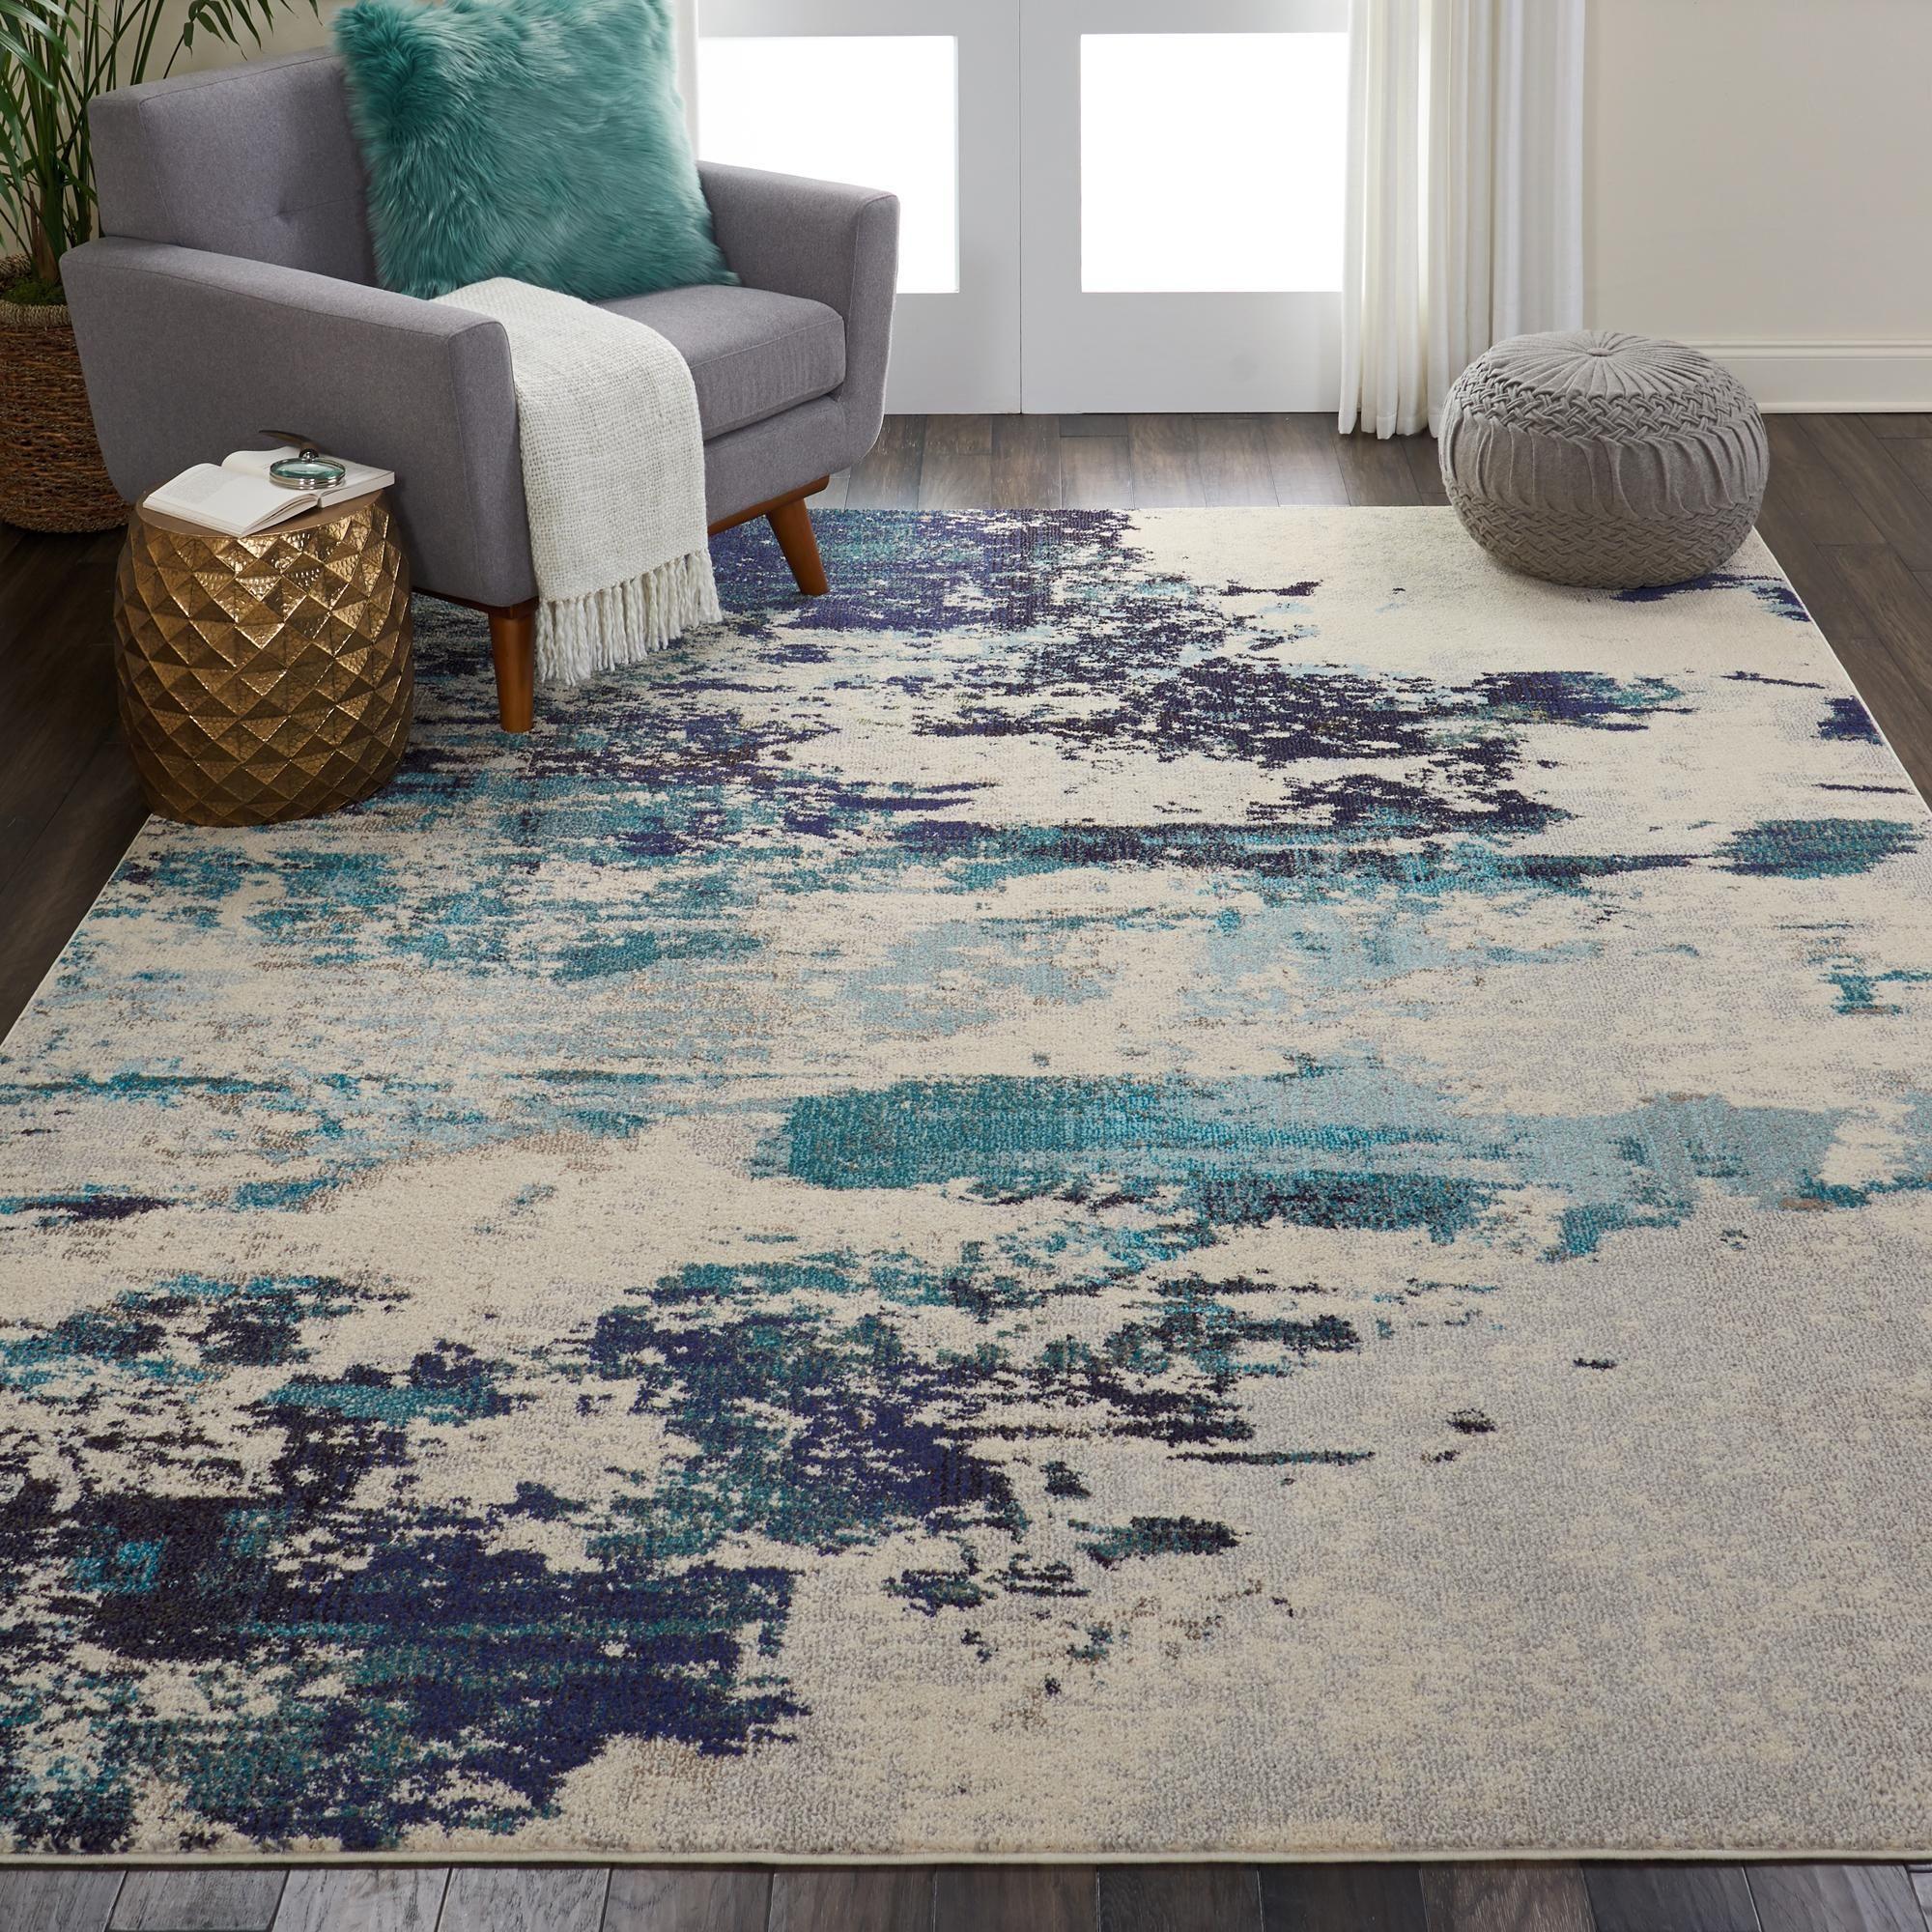 Teal Celestial Rug In 2020 Teal Living Rooms Rugs In Living